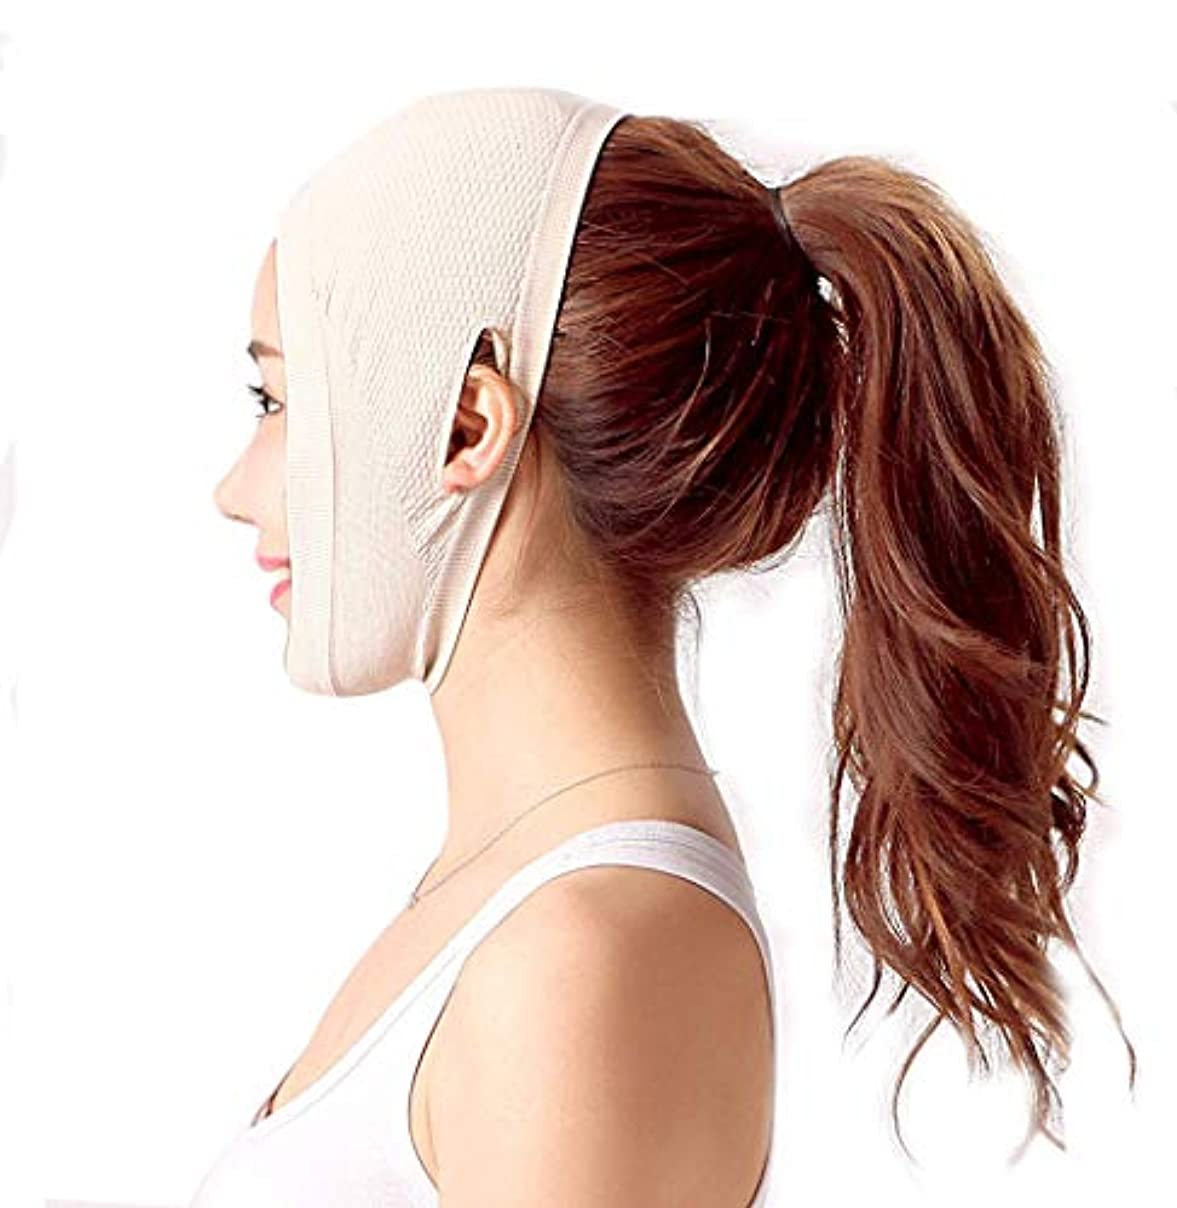 くつろぎ場合追放する整形外科手術後の回復ヘッドギア医療マスク睡眠Vフェイスリフティング包帯薄いフェイスマスク(サイズ:肌の色(A)),肌の色調(A)